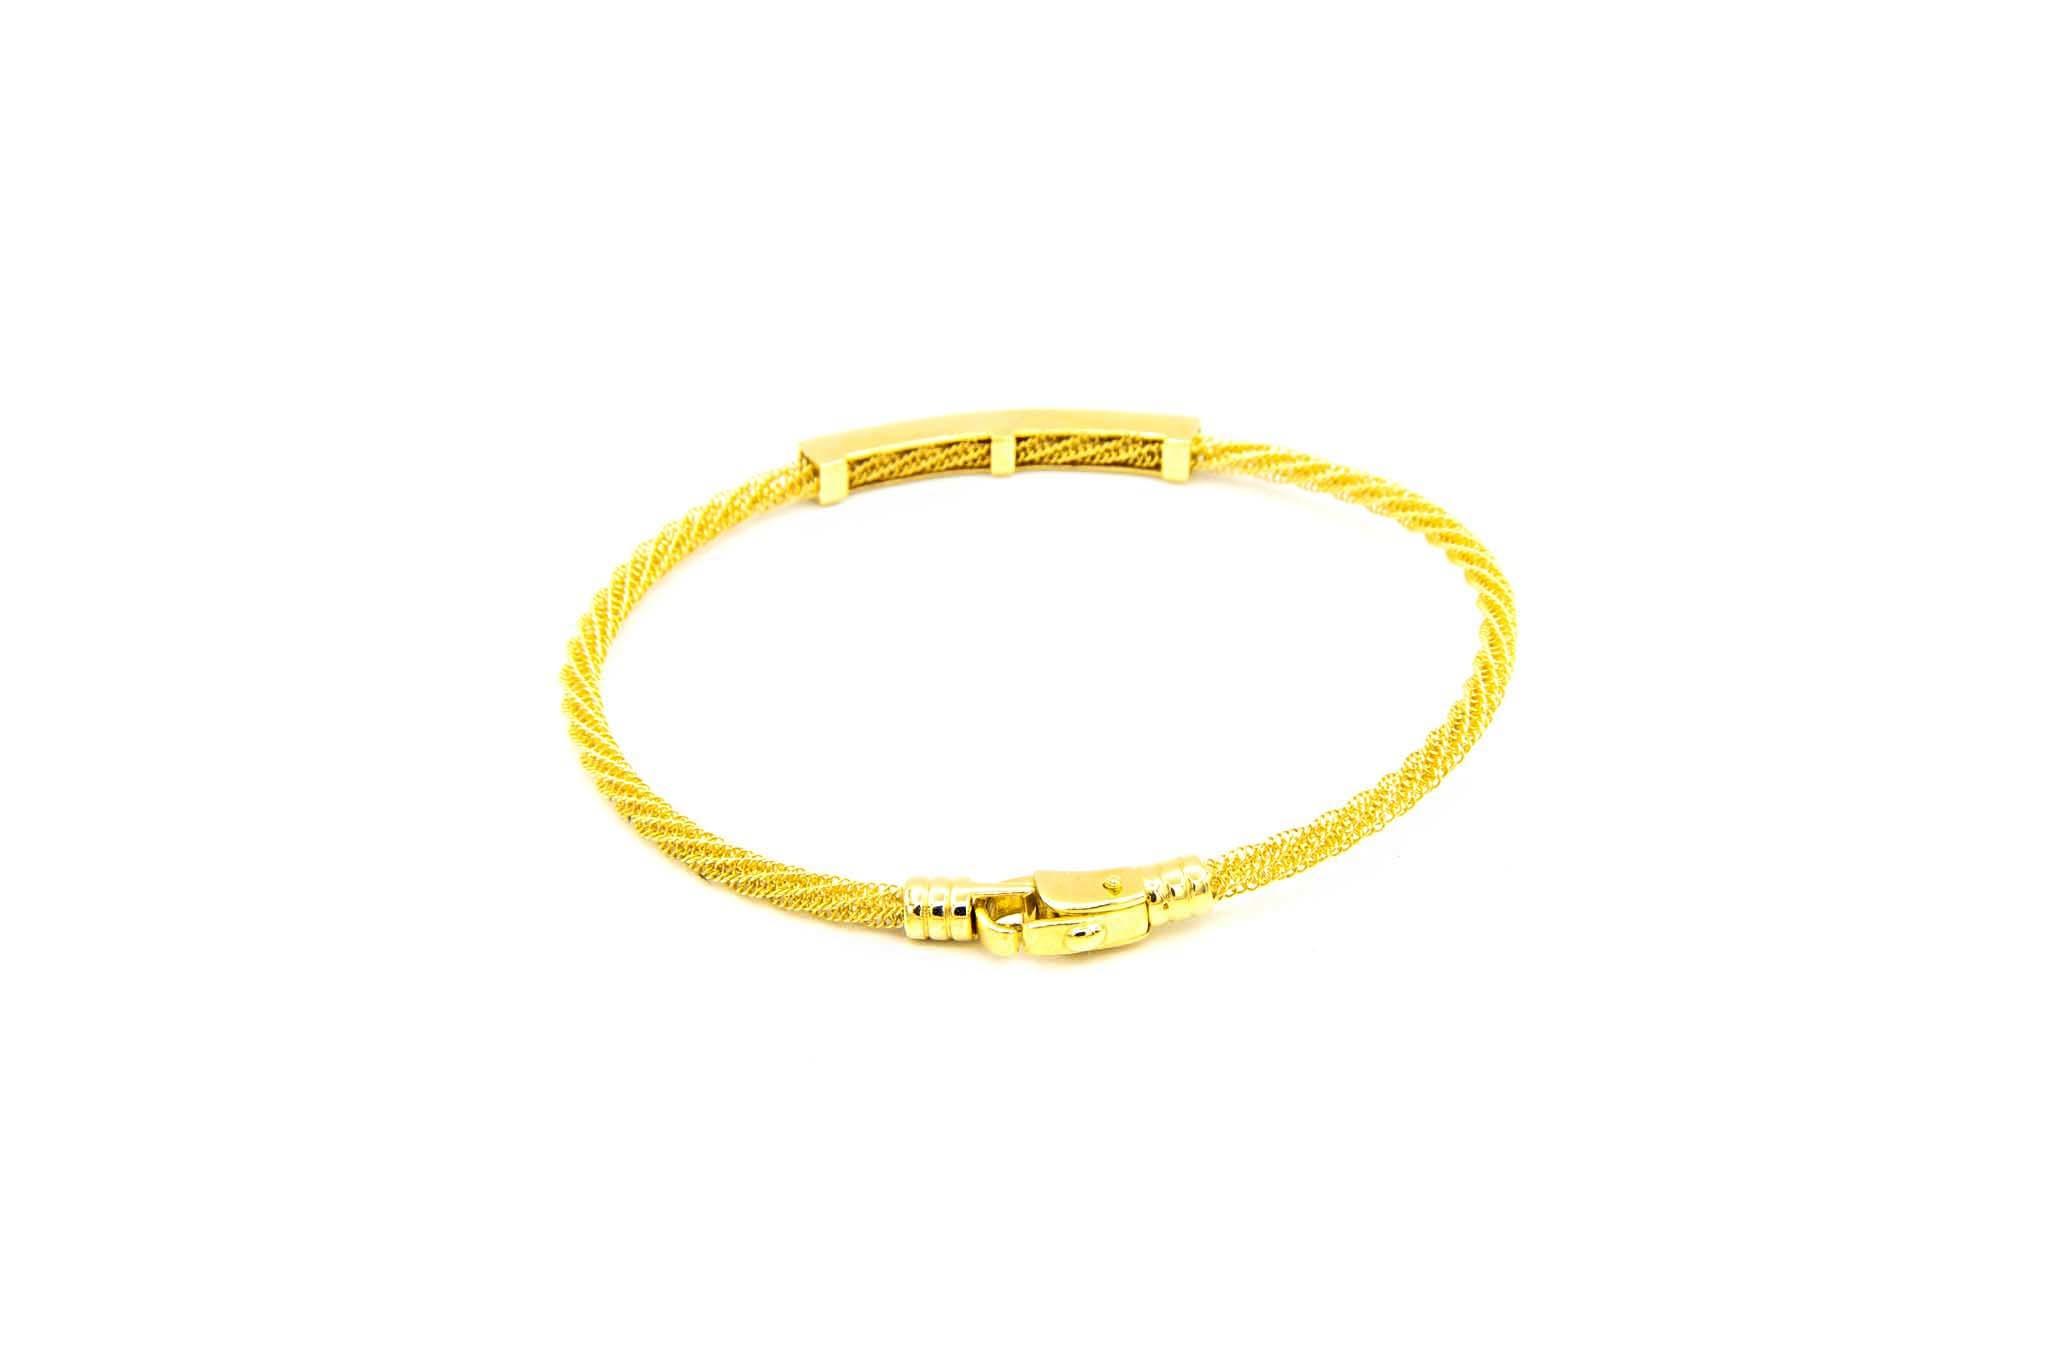 Armband met opengewerkte vaste band en gouden strip ingelegd met zwarte zirkonia's-3